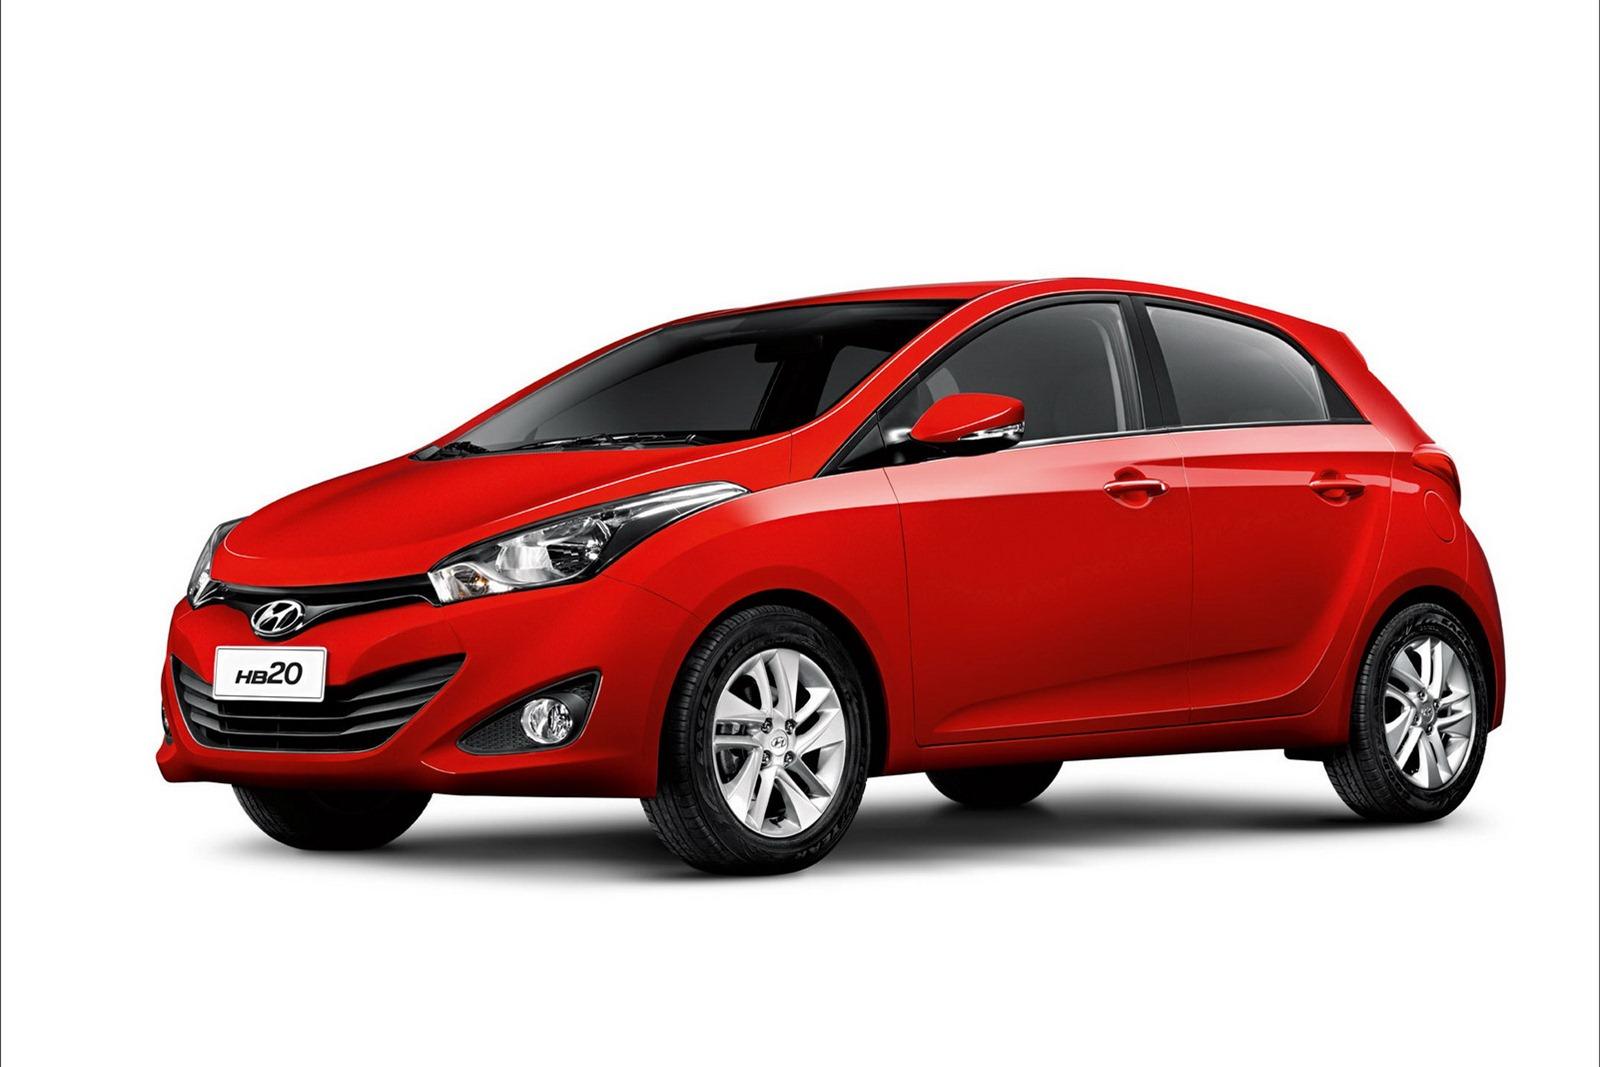 A propaganda do HB20, mostra jovens, luzes frenéticas da cidade, ficando  claro o recado de que a Hyundai quer conquistar o público mais novo com o  seu ... 2837952ec8